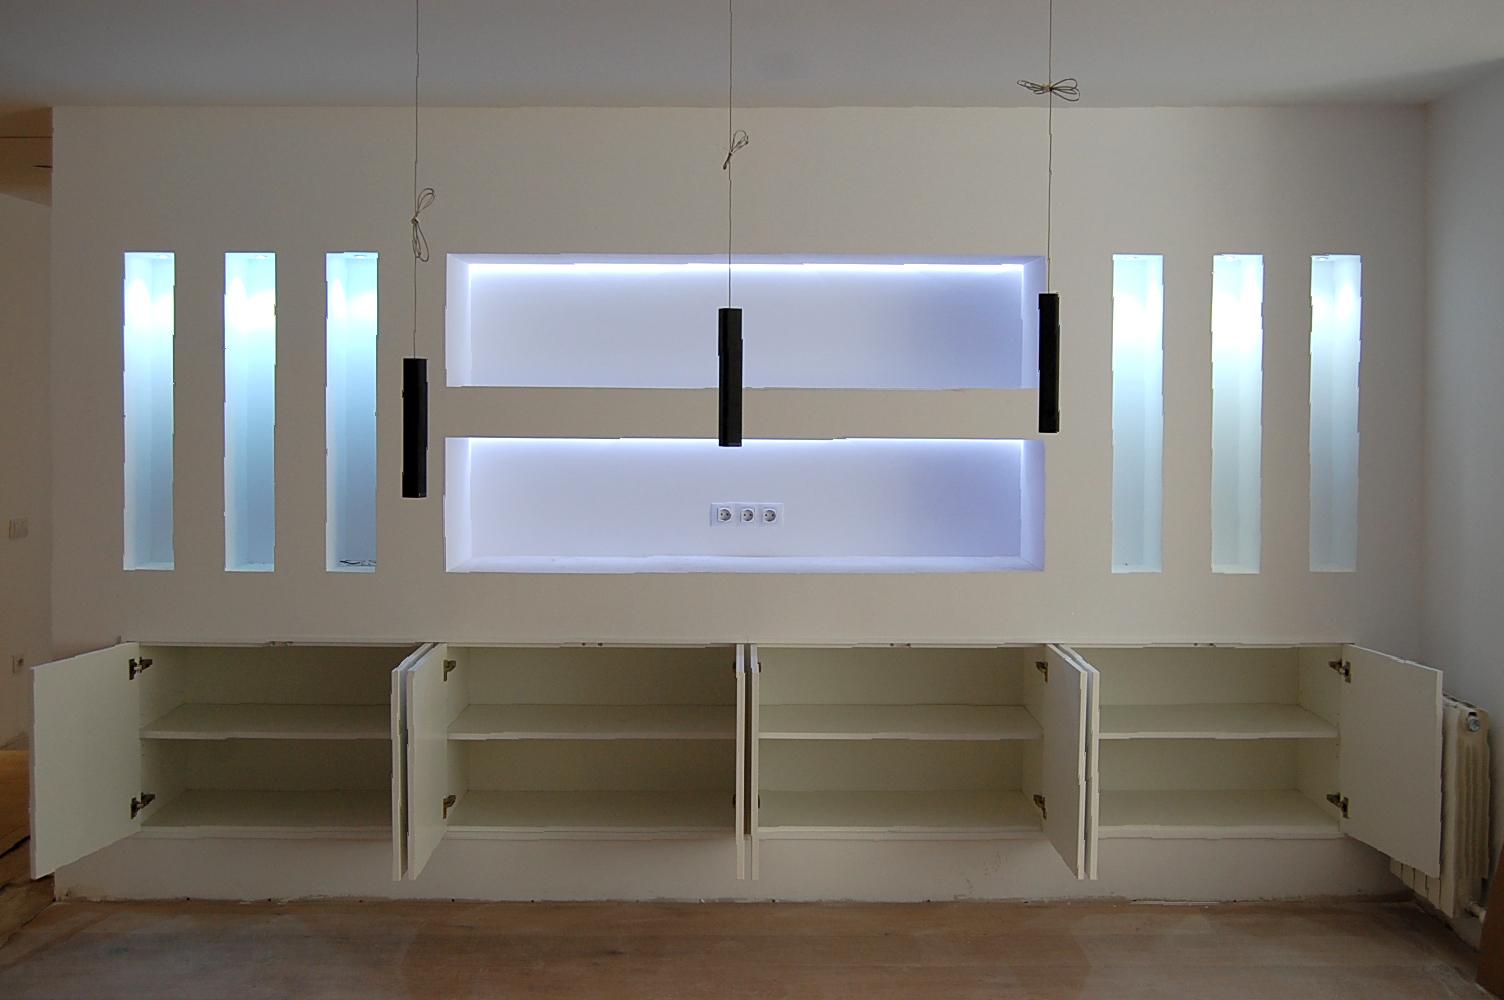 mueble comedor a medida instalado en hueco de pladur mb On comedor completo lacado blanco de proposito